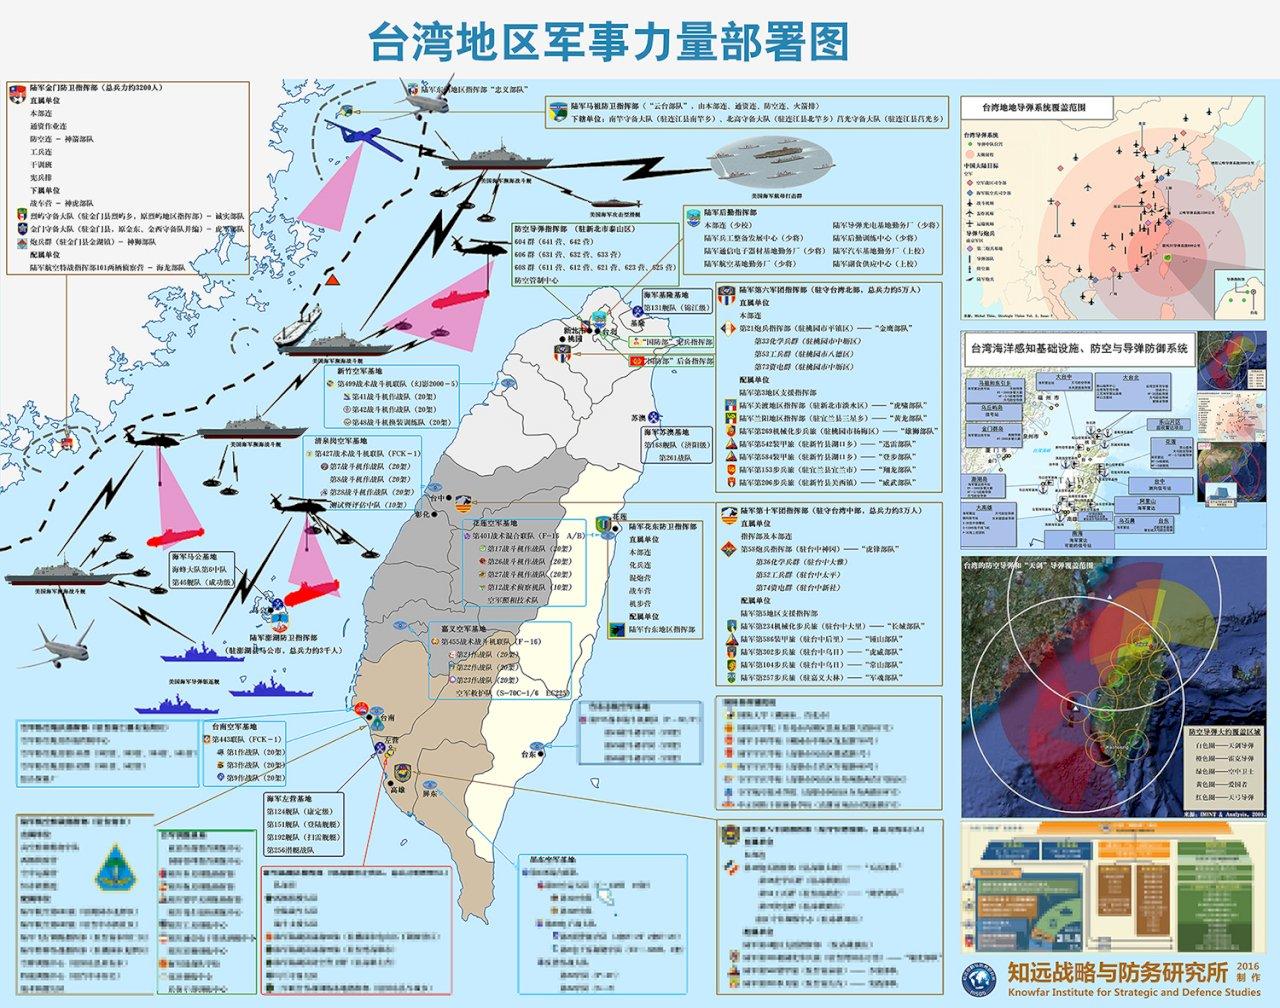 中國機構售台軍力部署圖 國防部:不評論